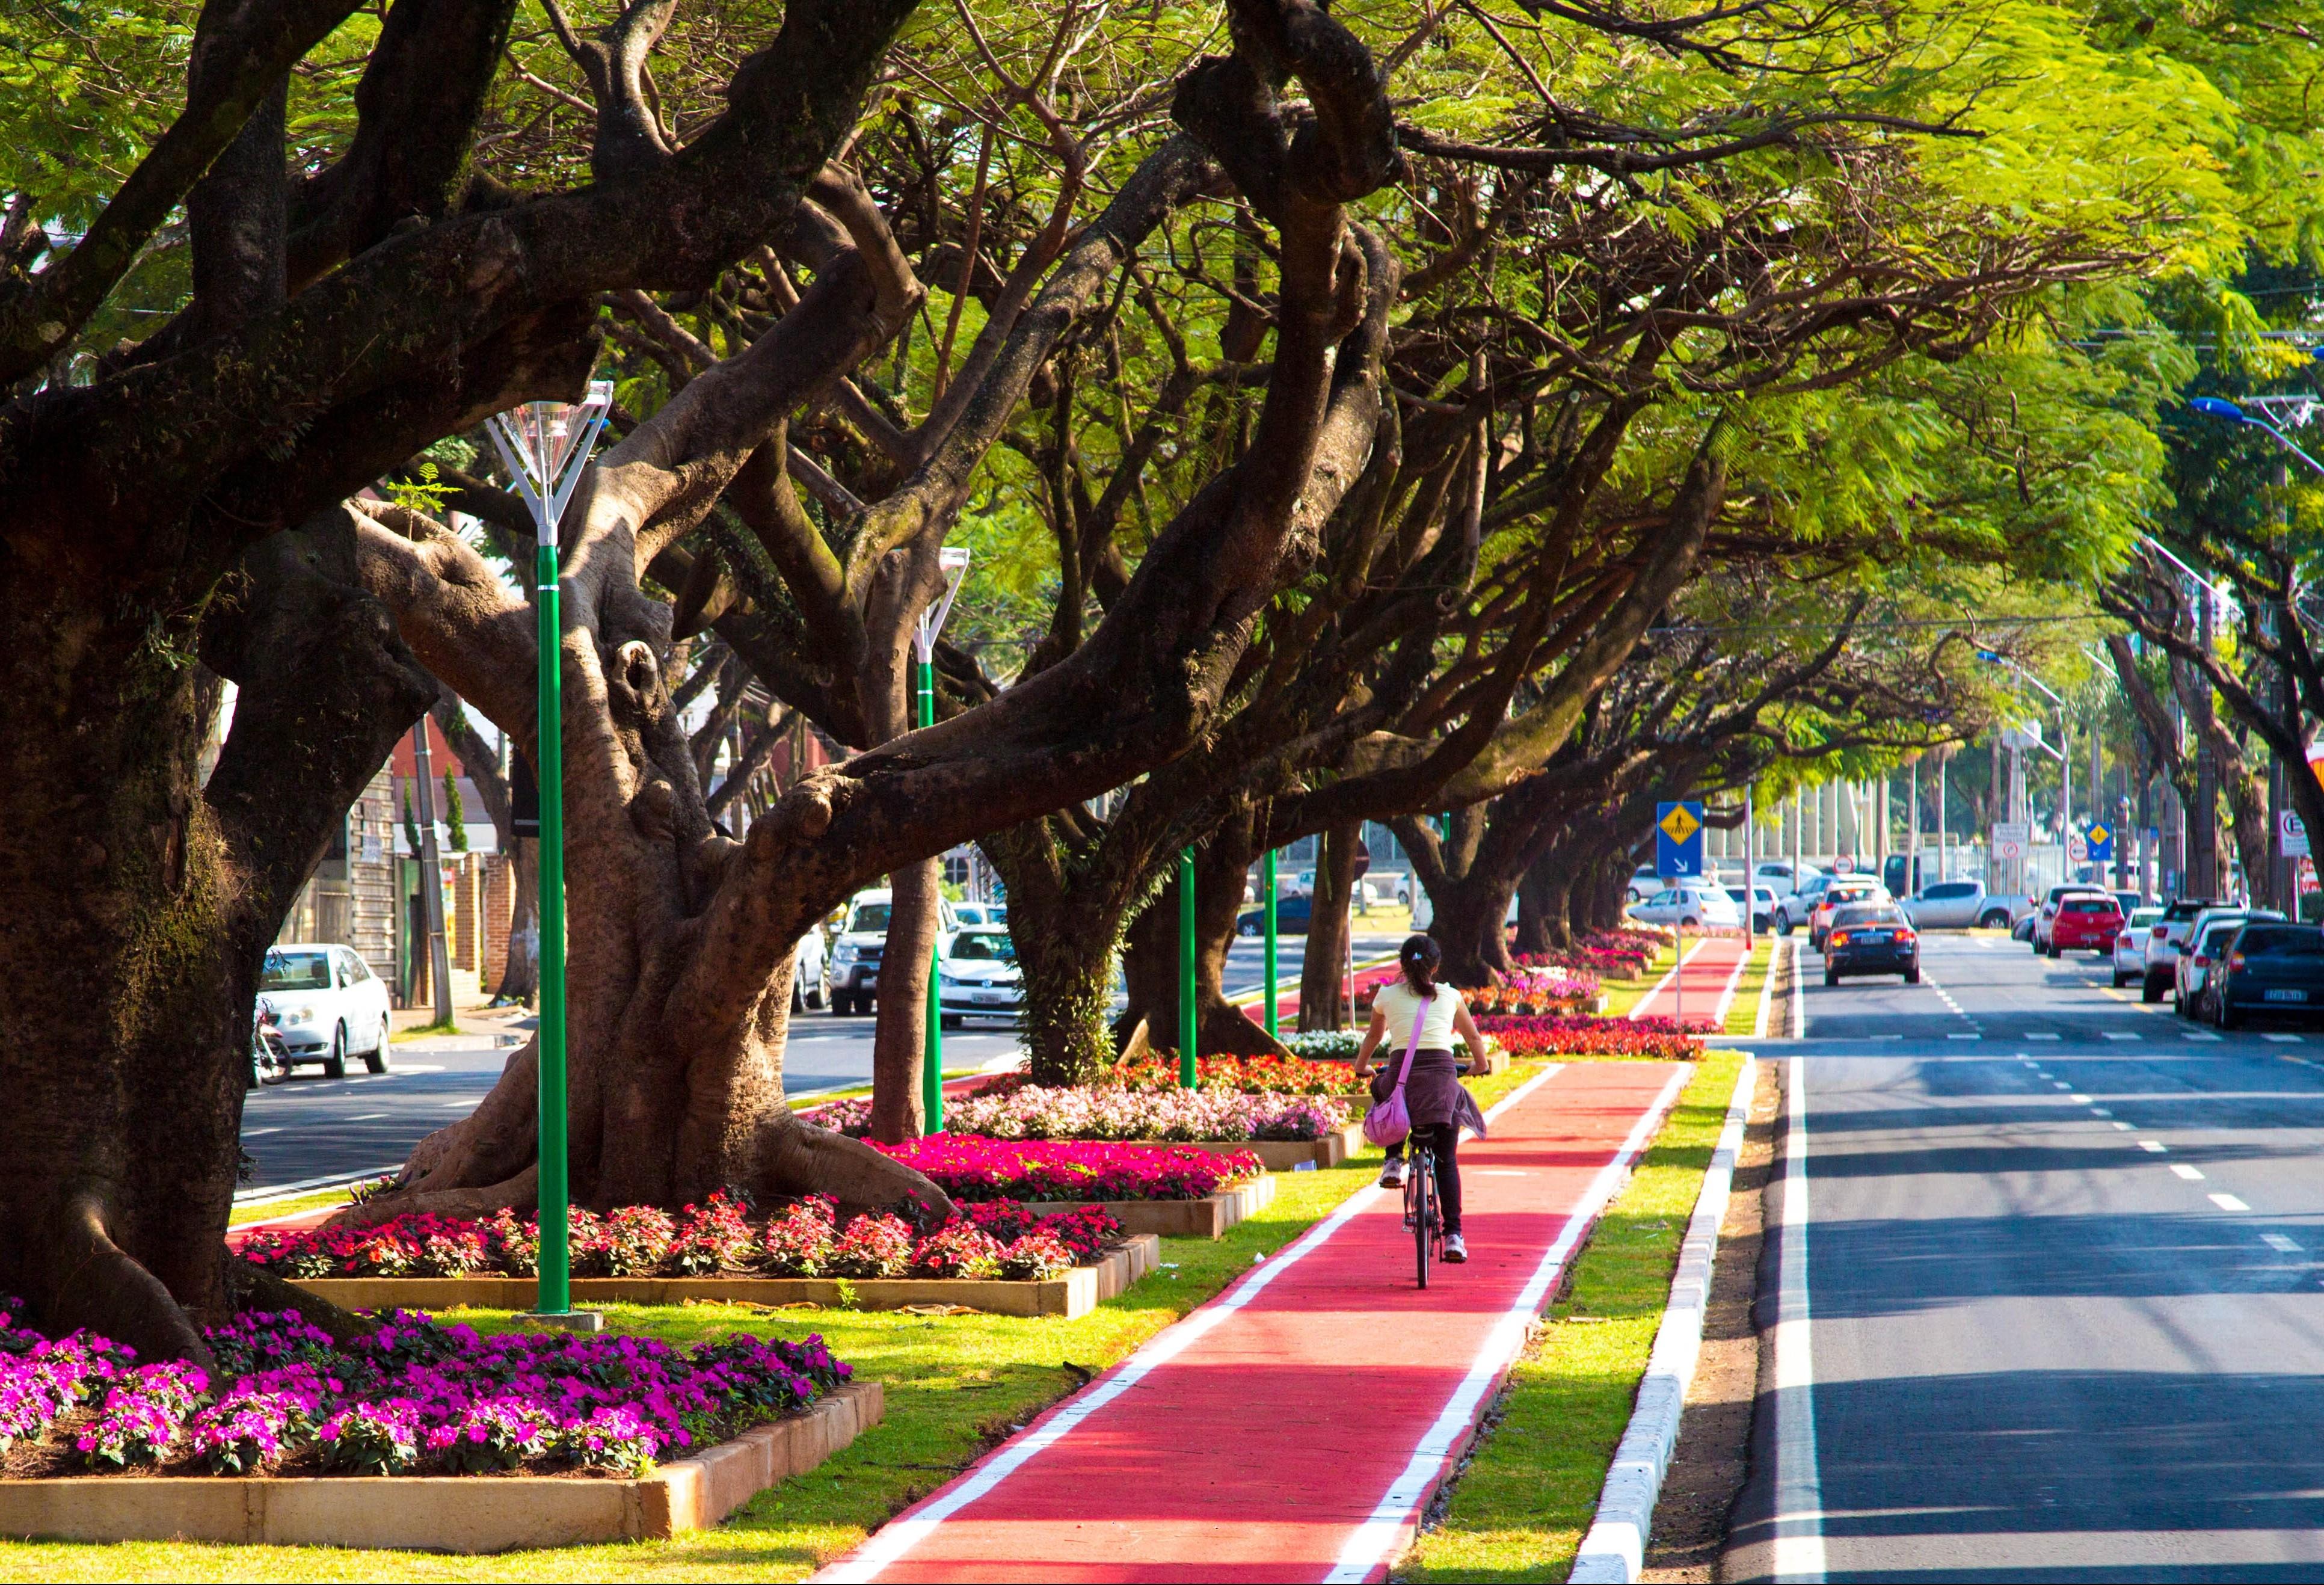 Novas ciclovias começam a ser construídas em Maringá